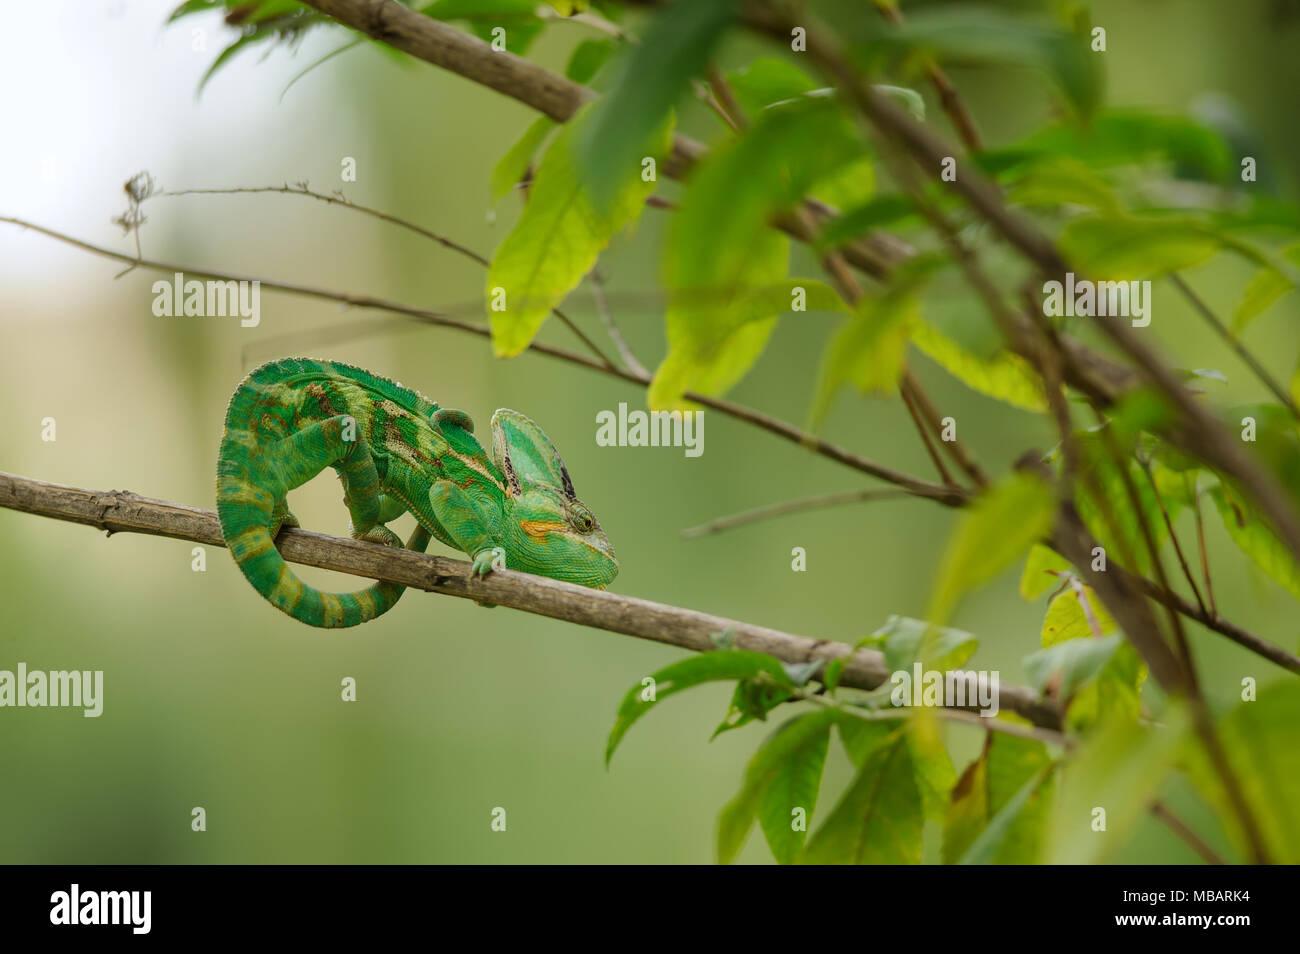 Veiled chameleon on branch - Stock Image